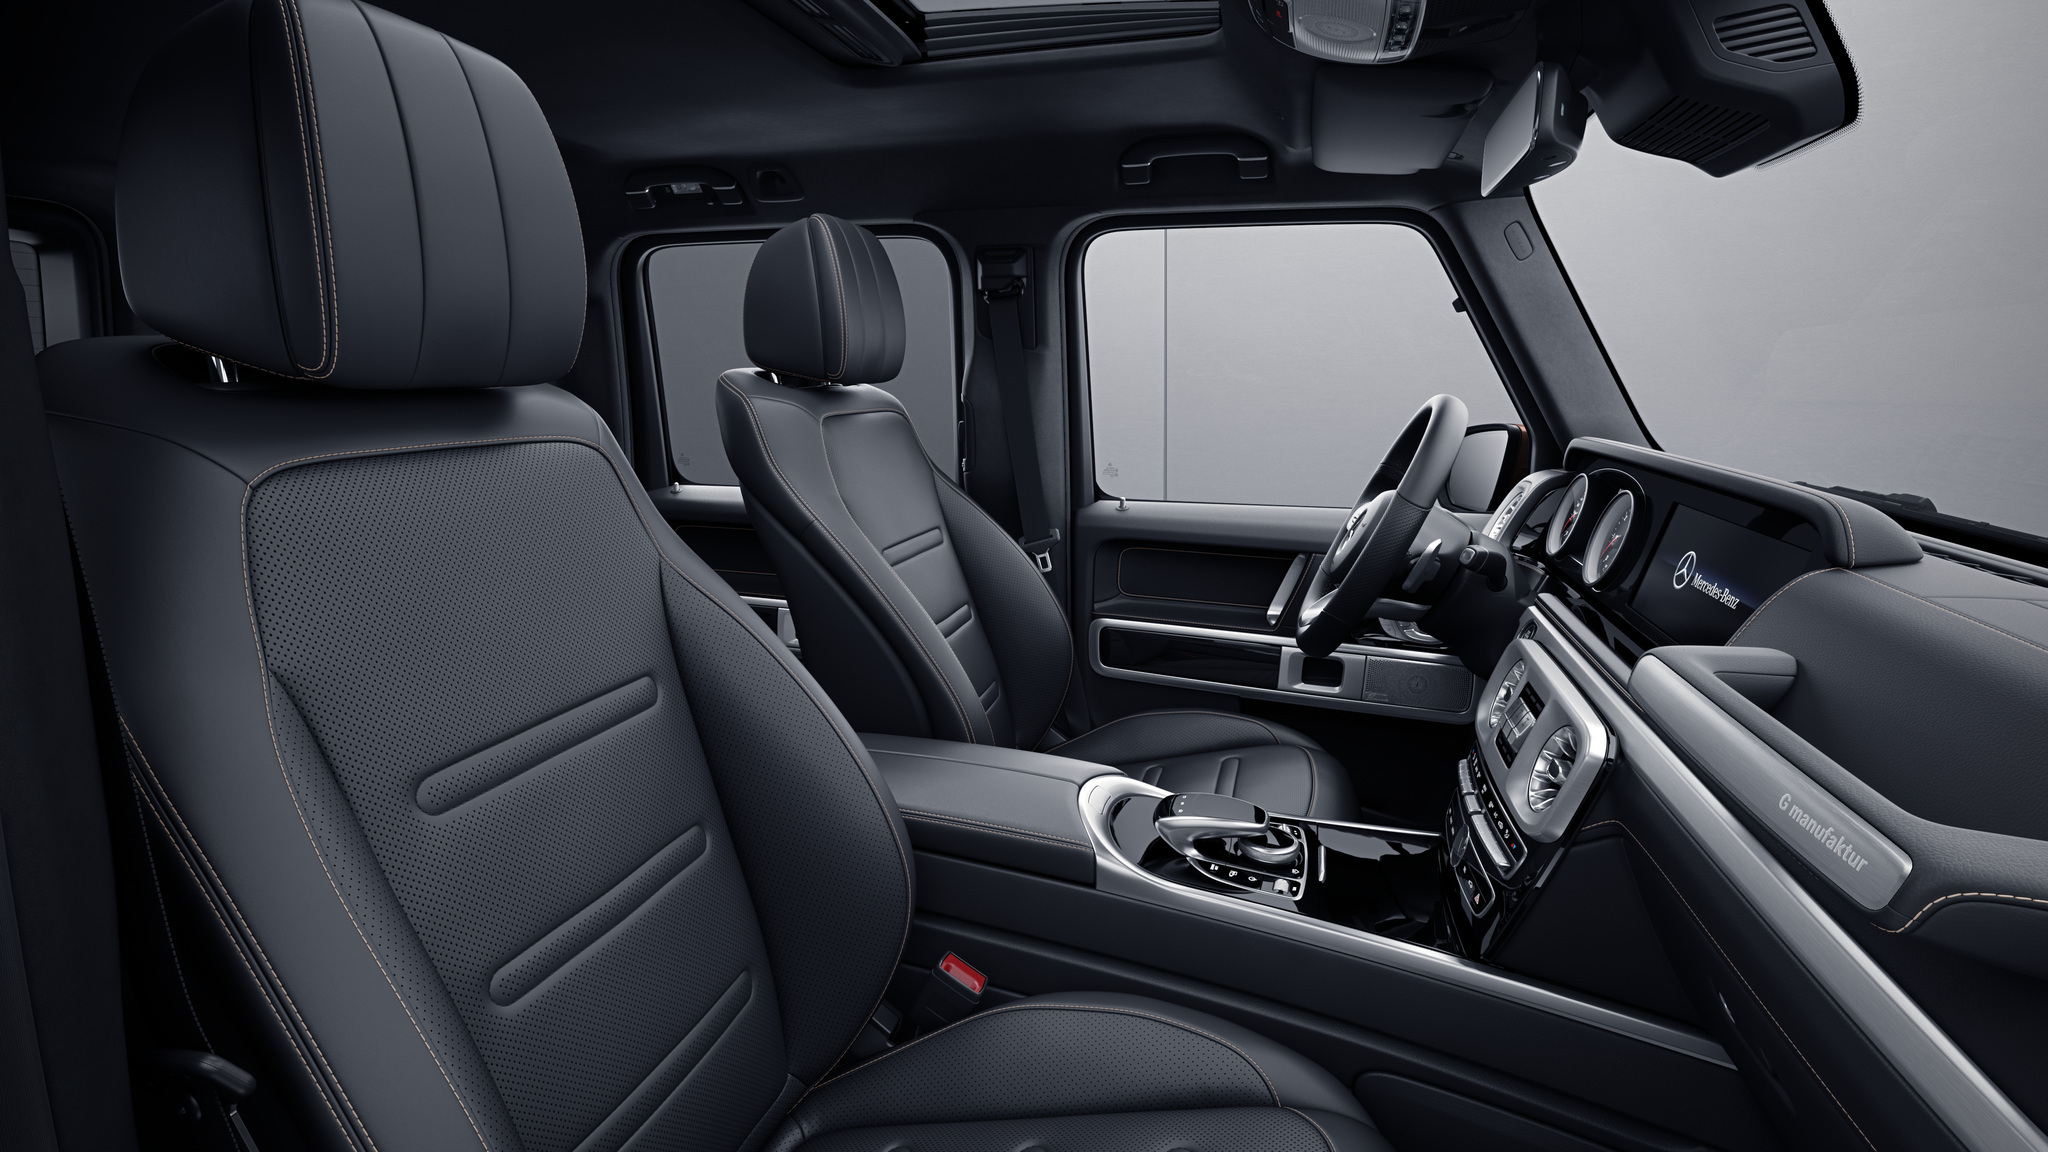 Habitacle de la Mercedes Classe G avec une Sellerie Cuir Nappa G manufaktur - Noir avec surpiqu?re contrastée or